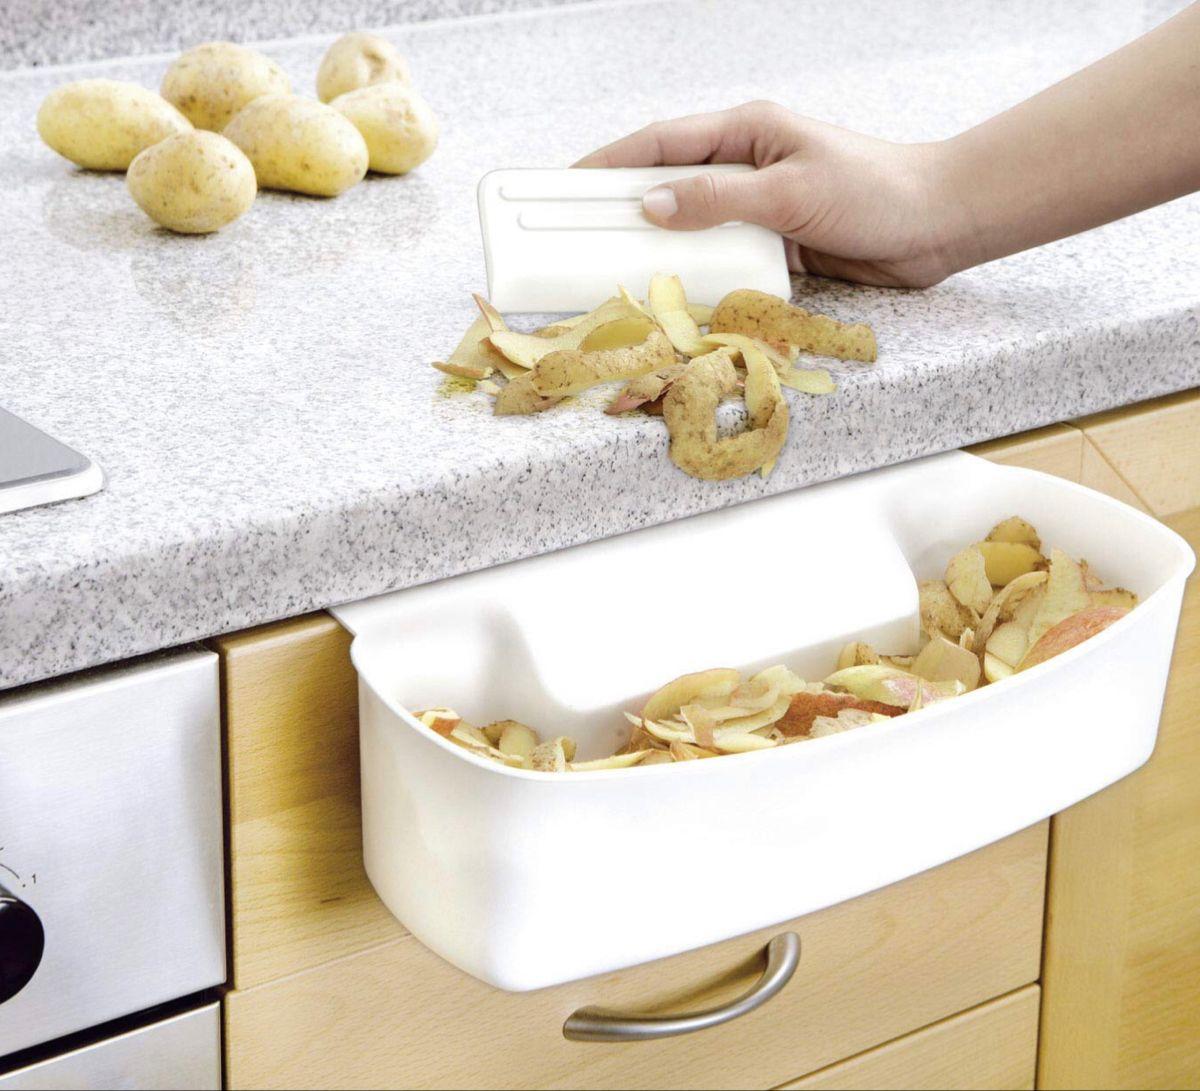 Super #praktisch , die Auffangschale mit Schaber für Küchenabfälle